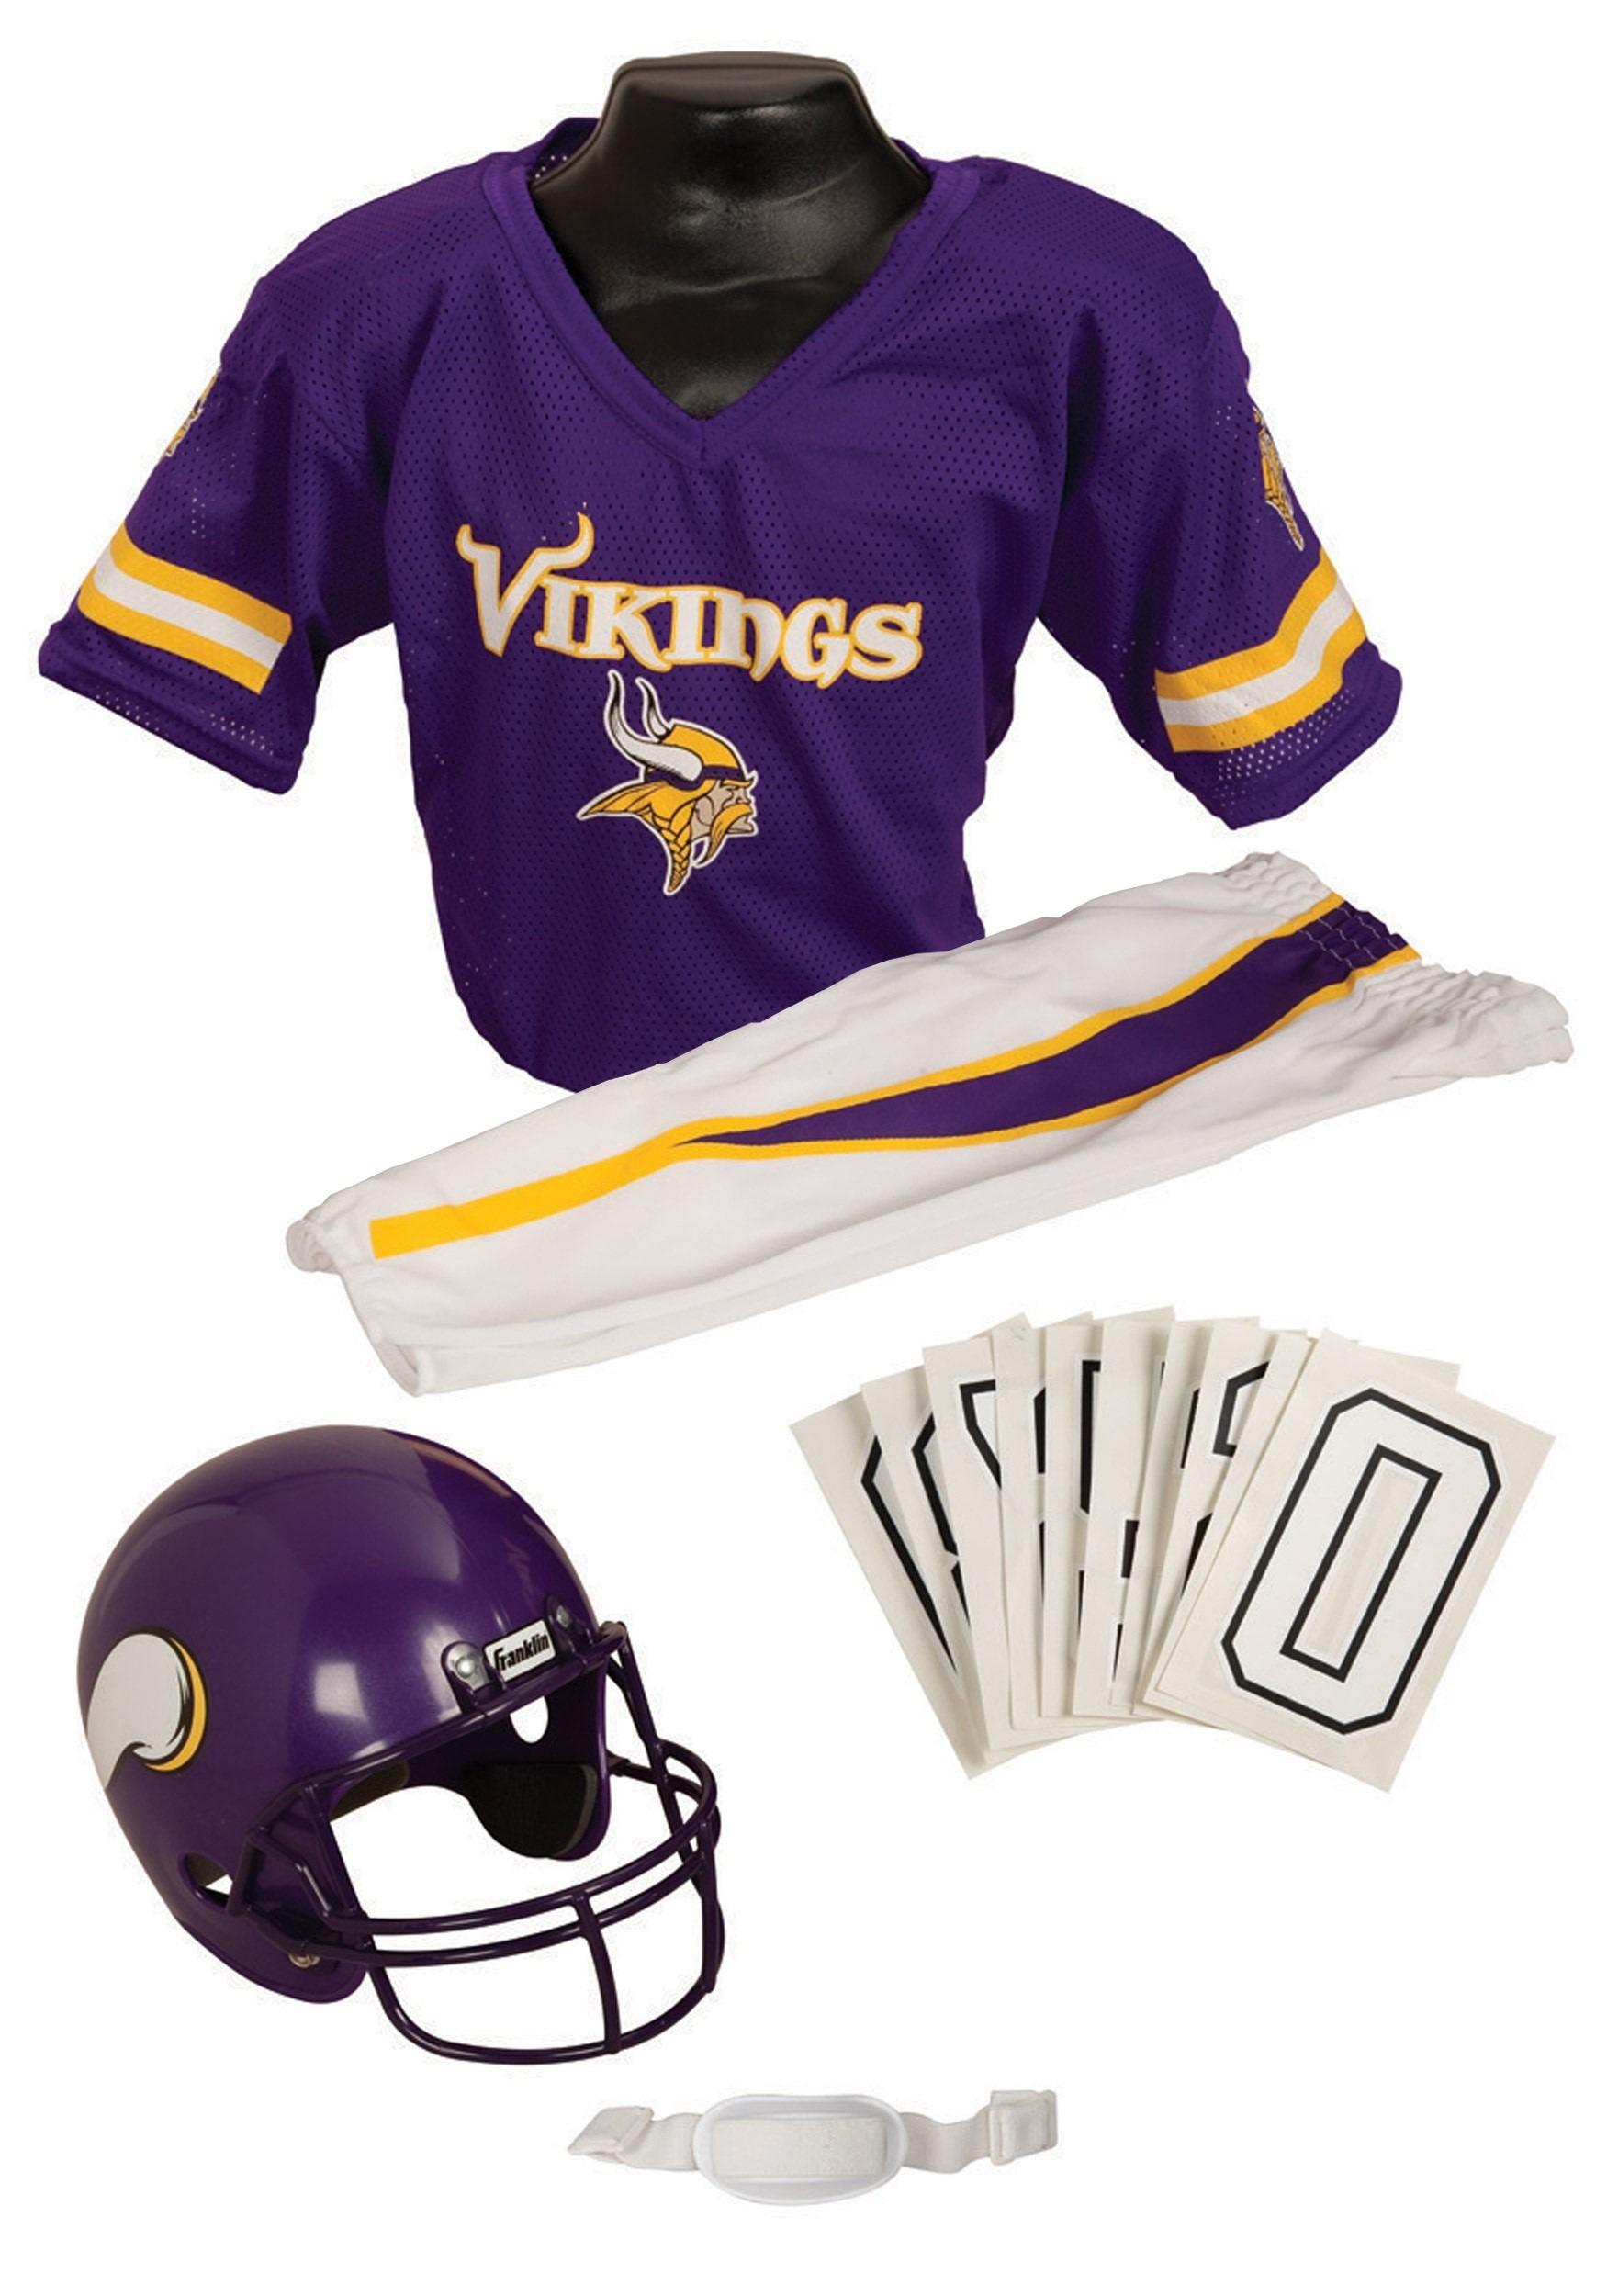 Nfl Football Vikings Nfl Vikings Uniform Costume